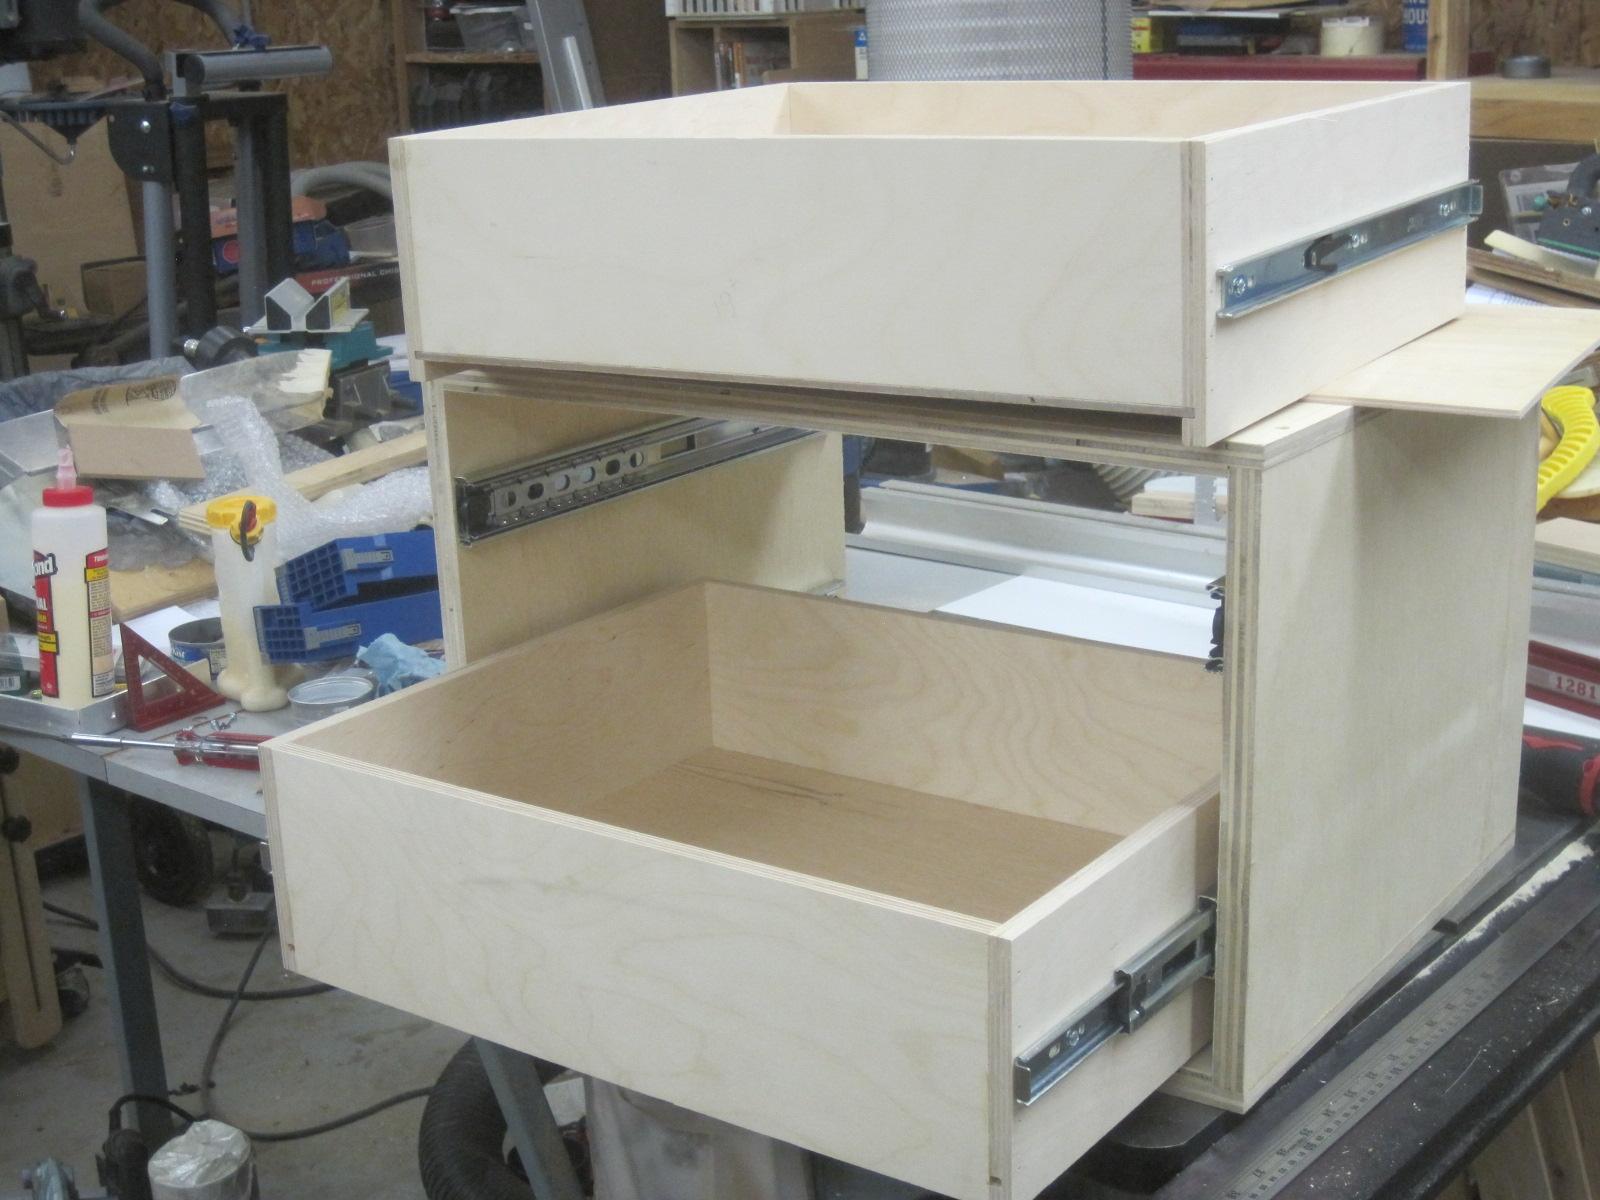 Router Bit Storage Cabinet-img_5088.jpg